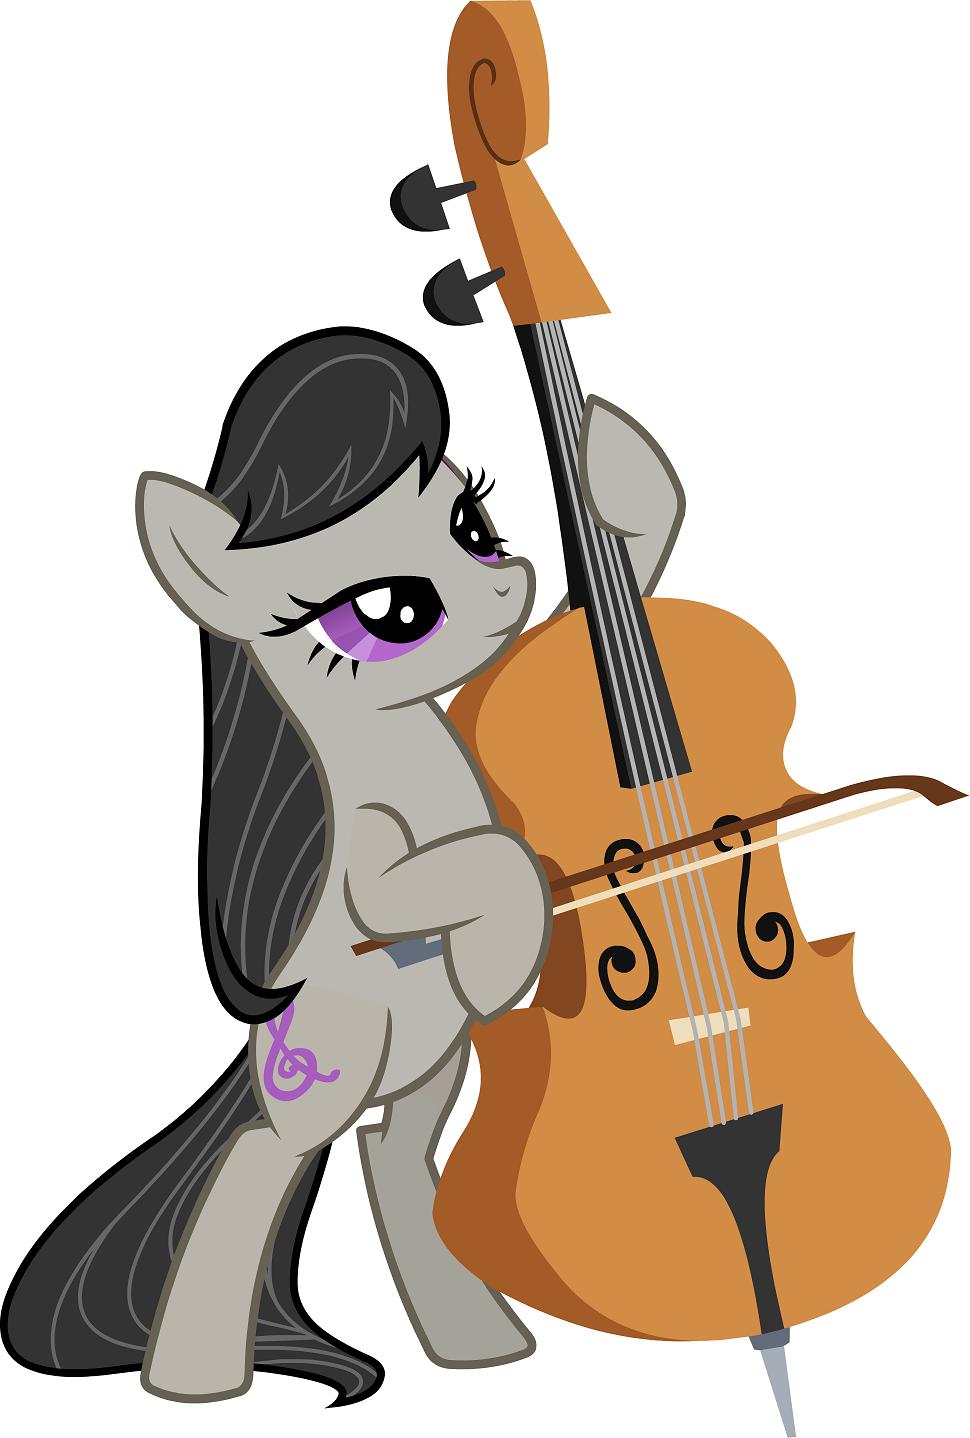 小马最出名的就是octavia melody,奥塔维亚/提琴姬,因其黑长直的发型图片